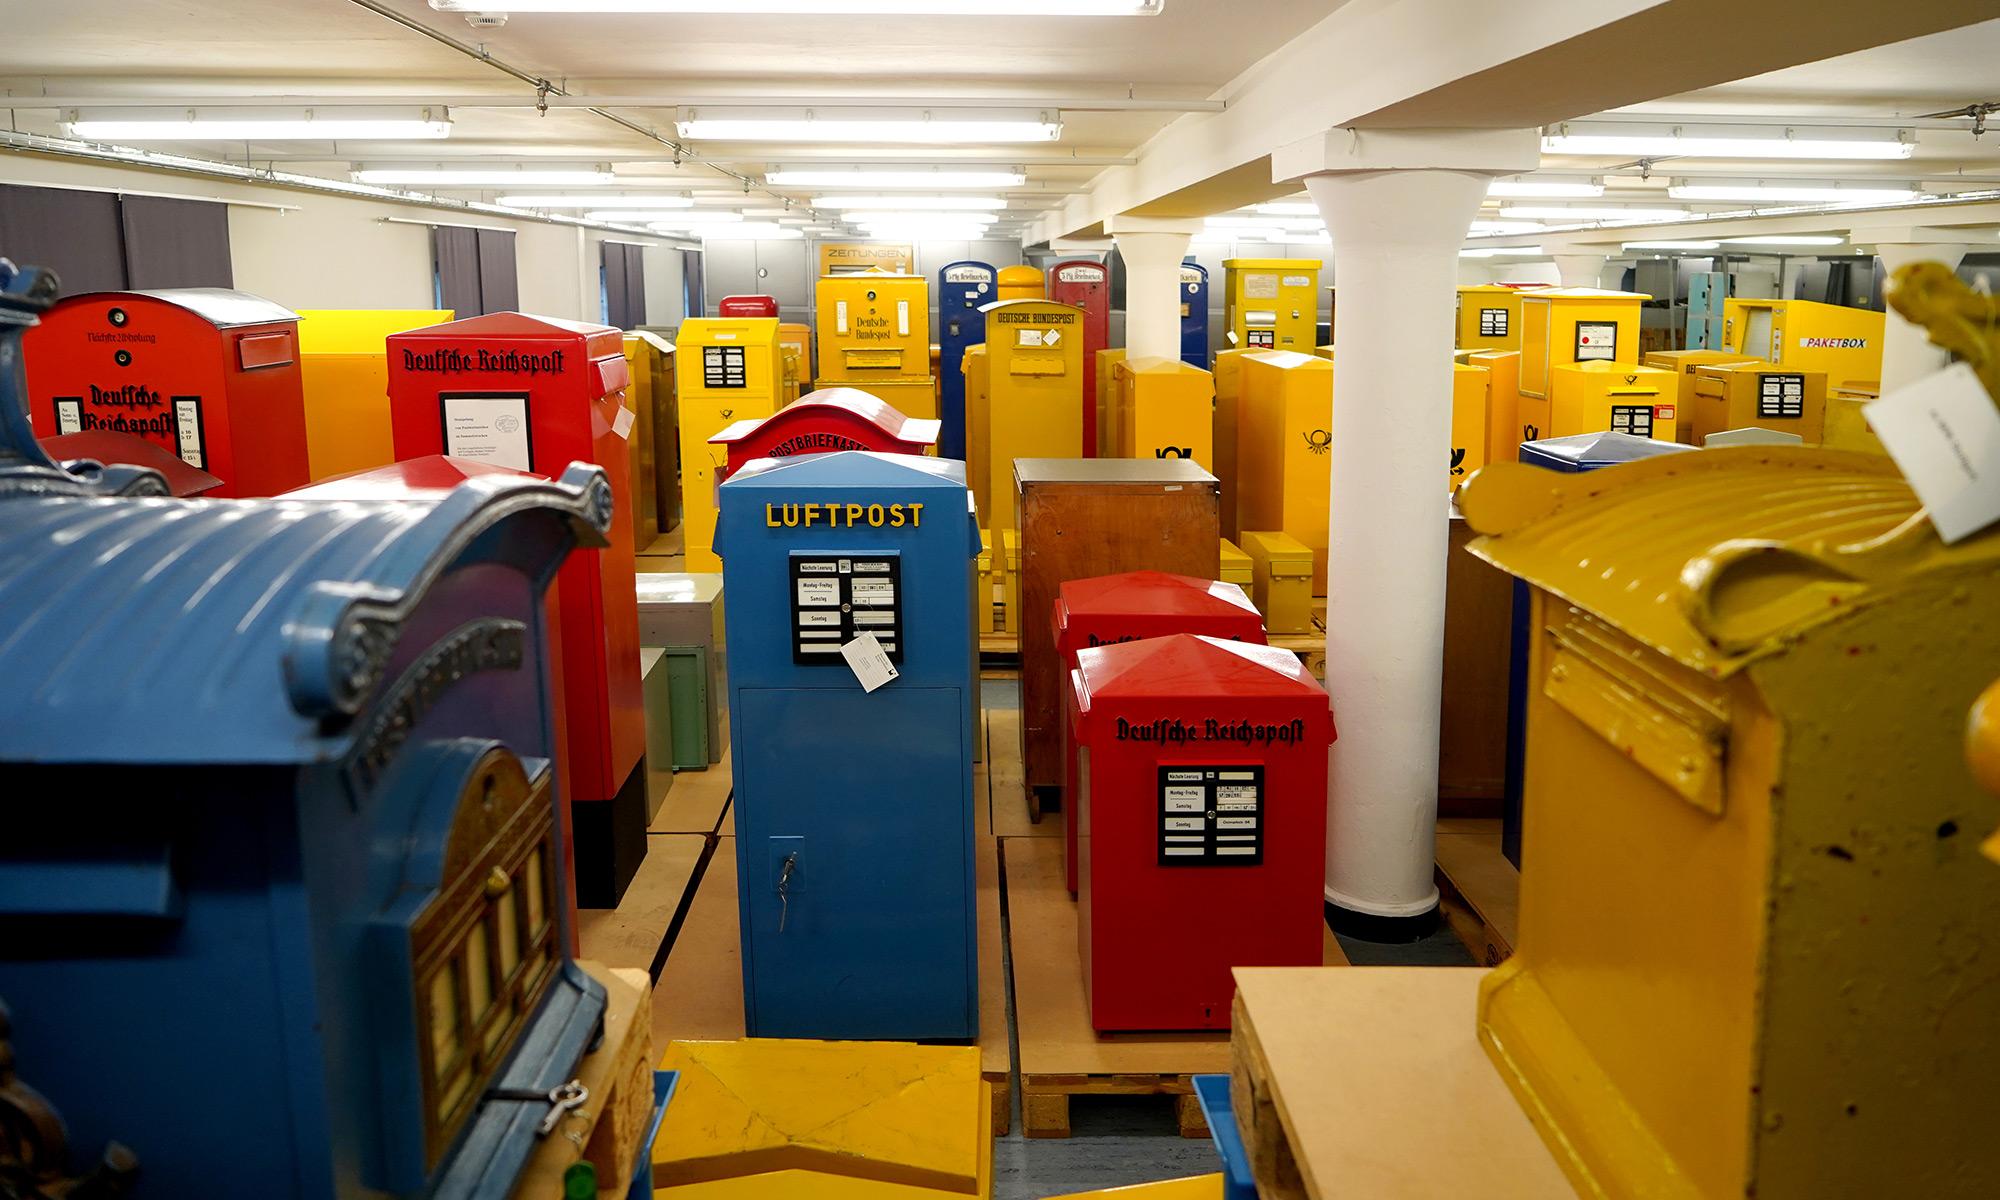 Ein Bild aus dem Depot in Berlin-Tempelhof. Im Bild werden die Briefkasten in unterschiedlichen Farben abgebildet.